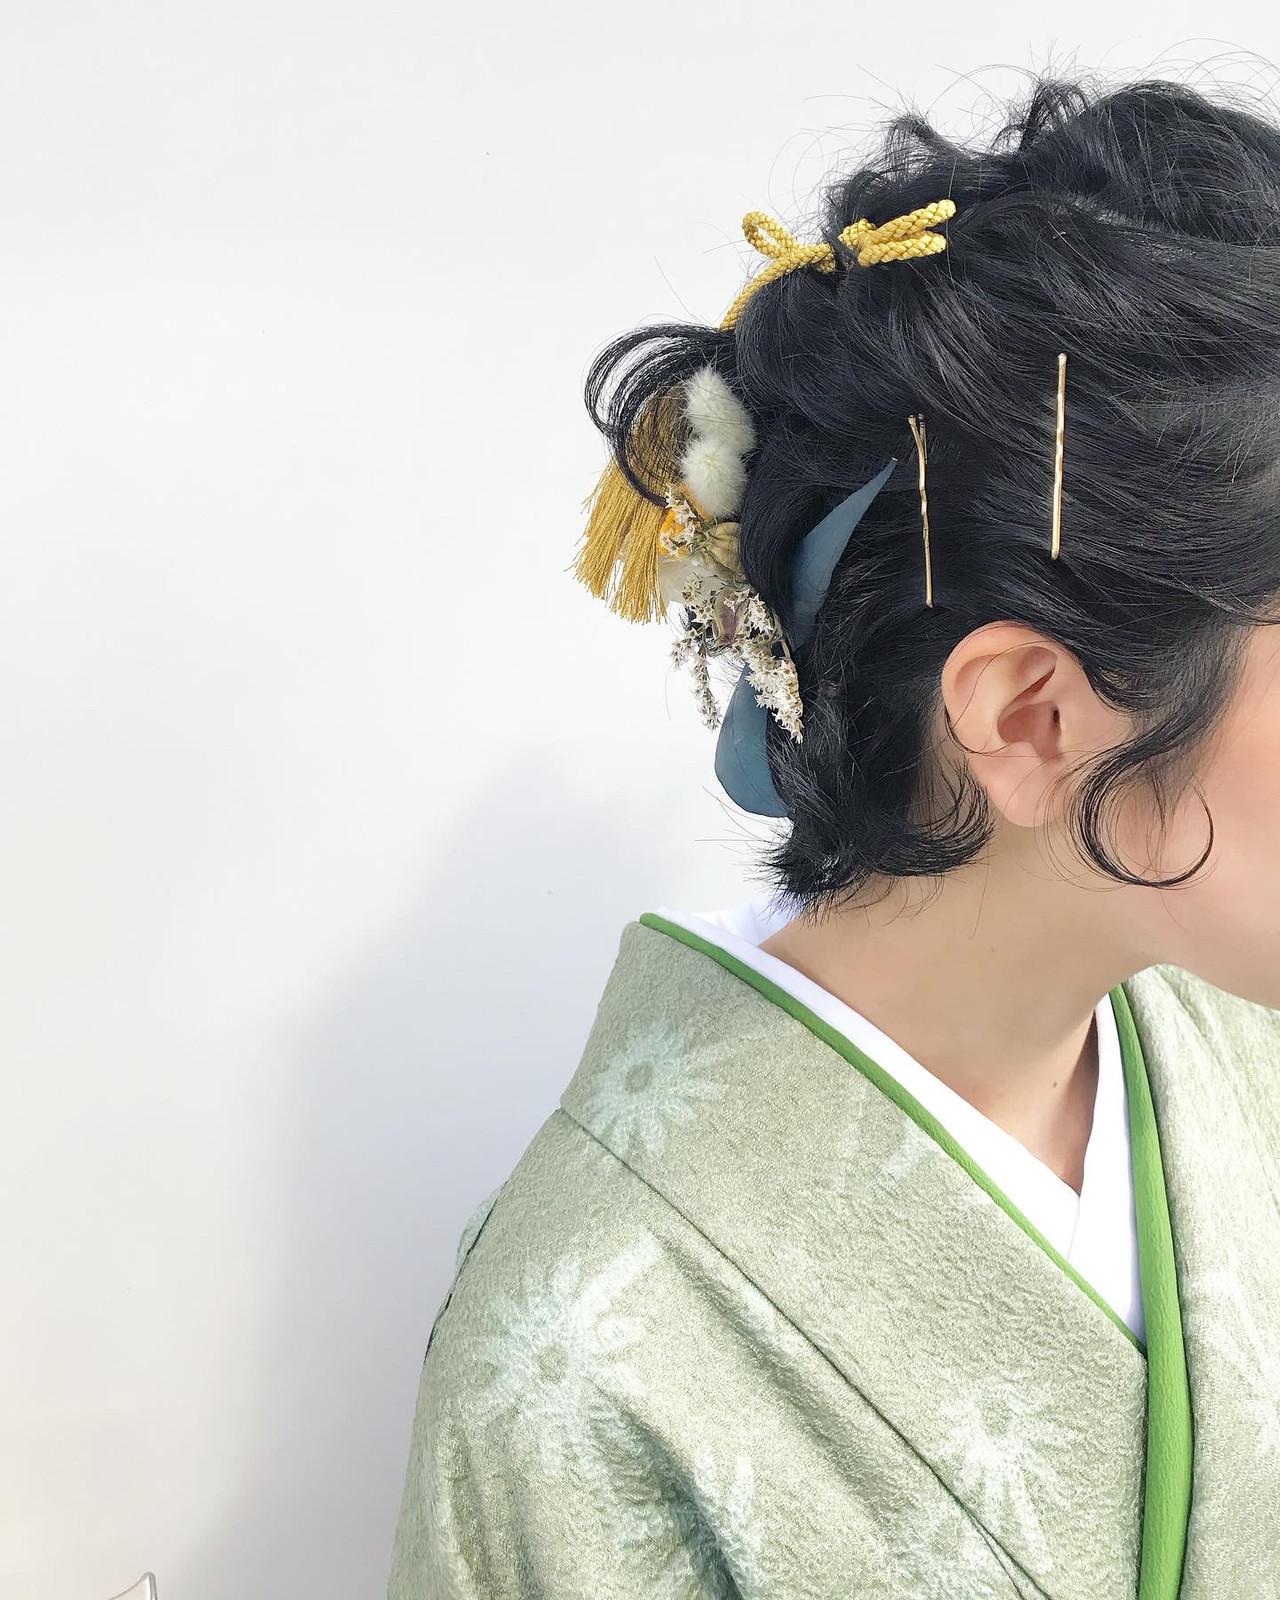 ヘアアレンジ 卒業式 ナチュラル アンニュイほつれヘア ヘアスタイルや髪型の写真・画像